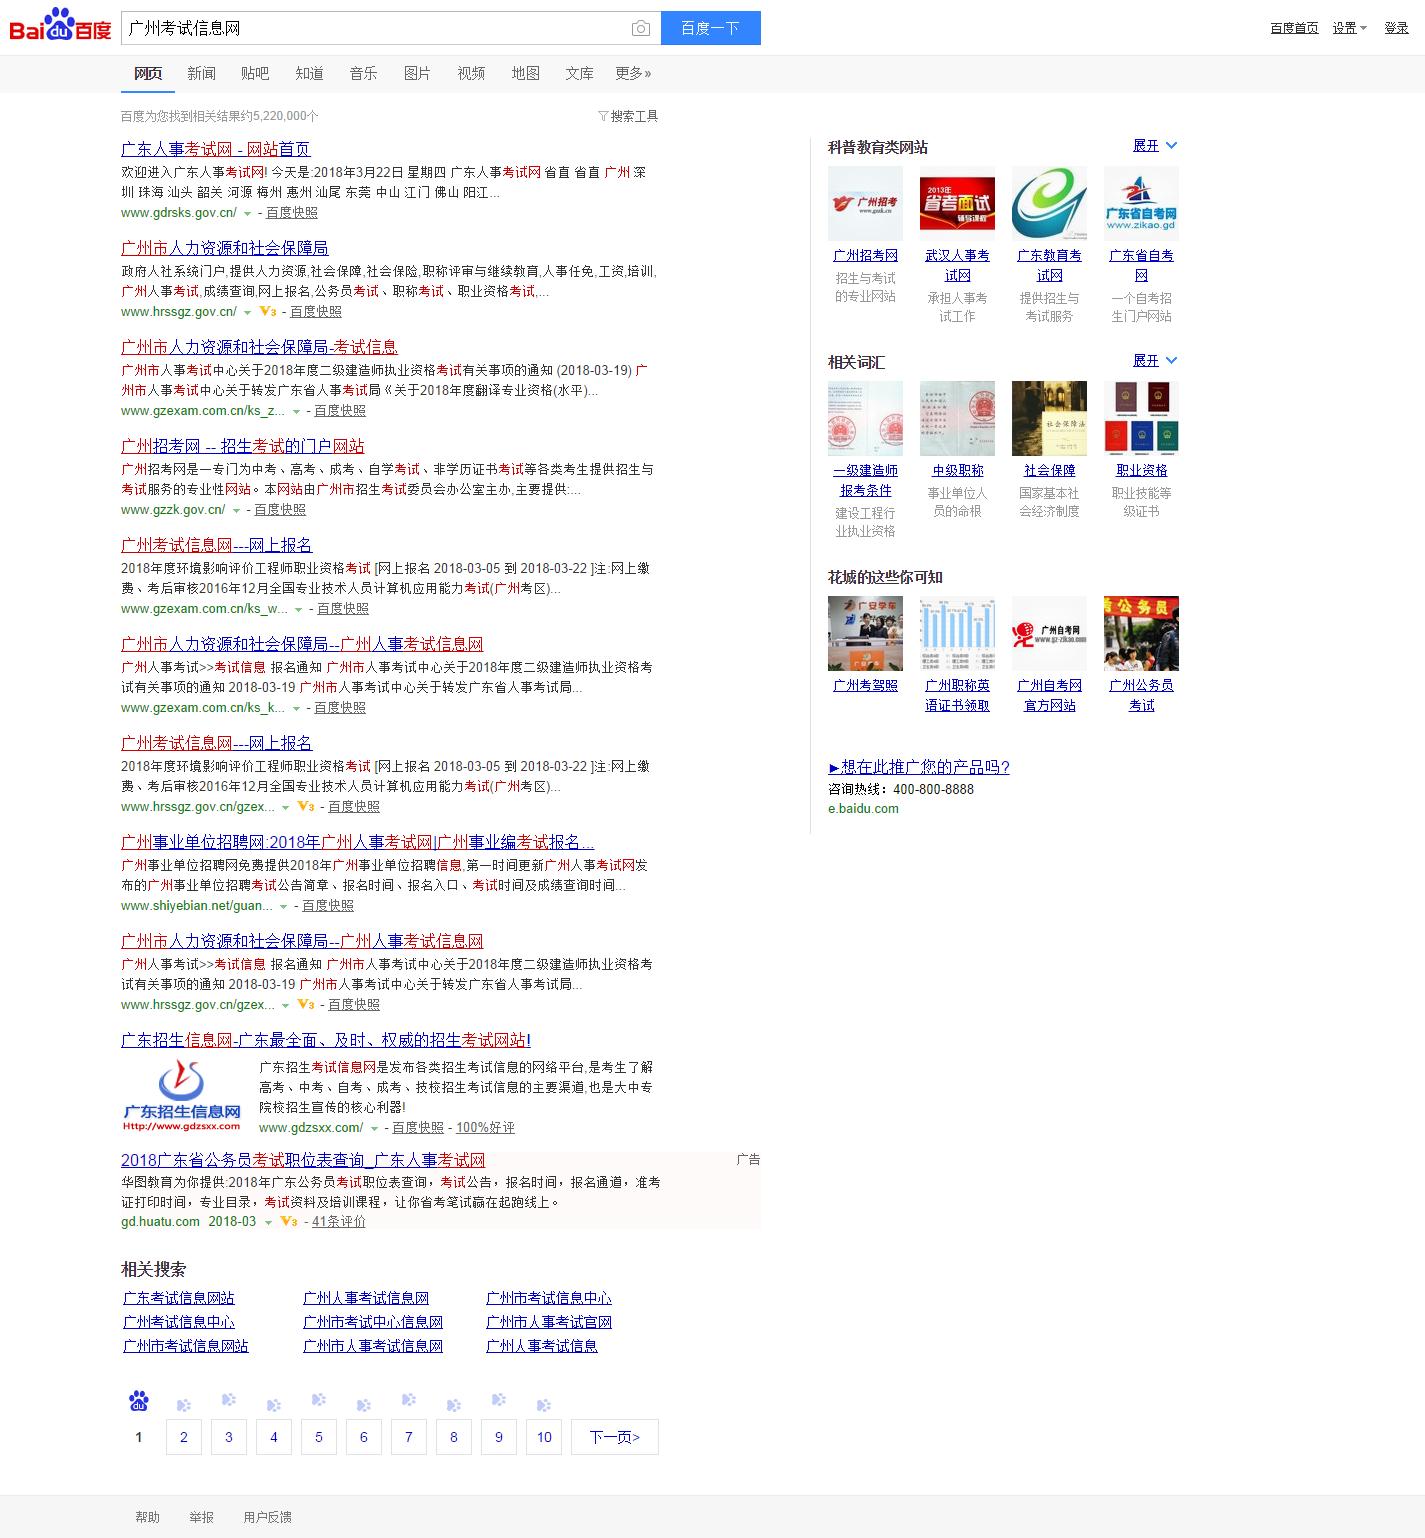 广州考试信息网_百度搜索_20180327085549.png